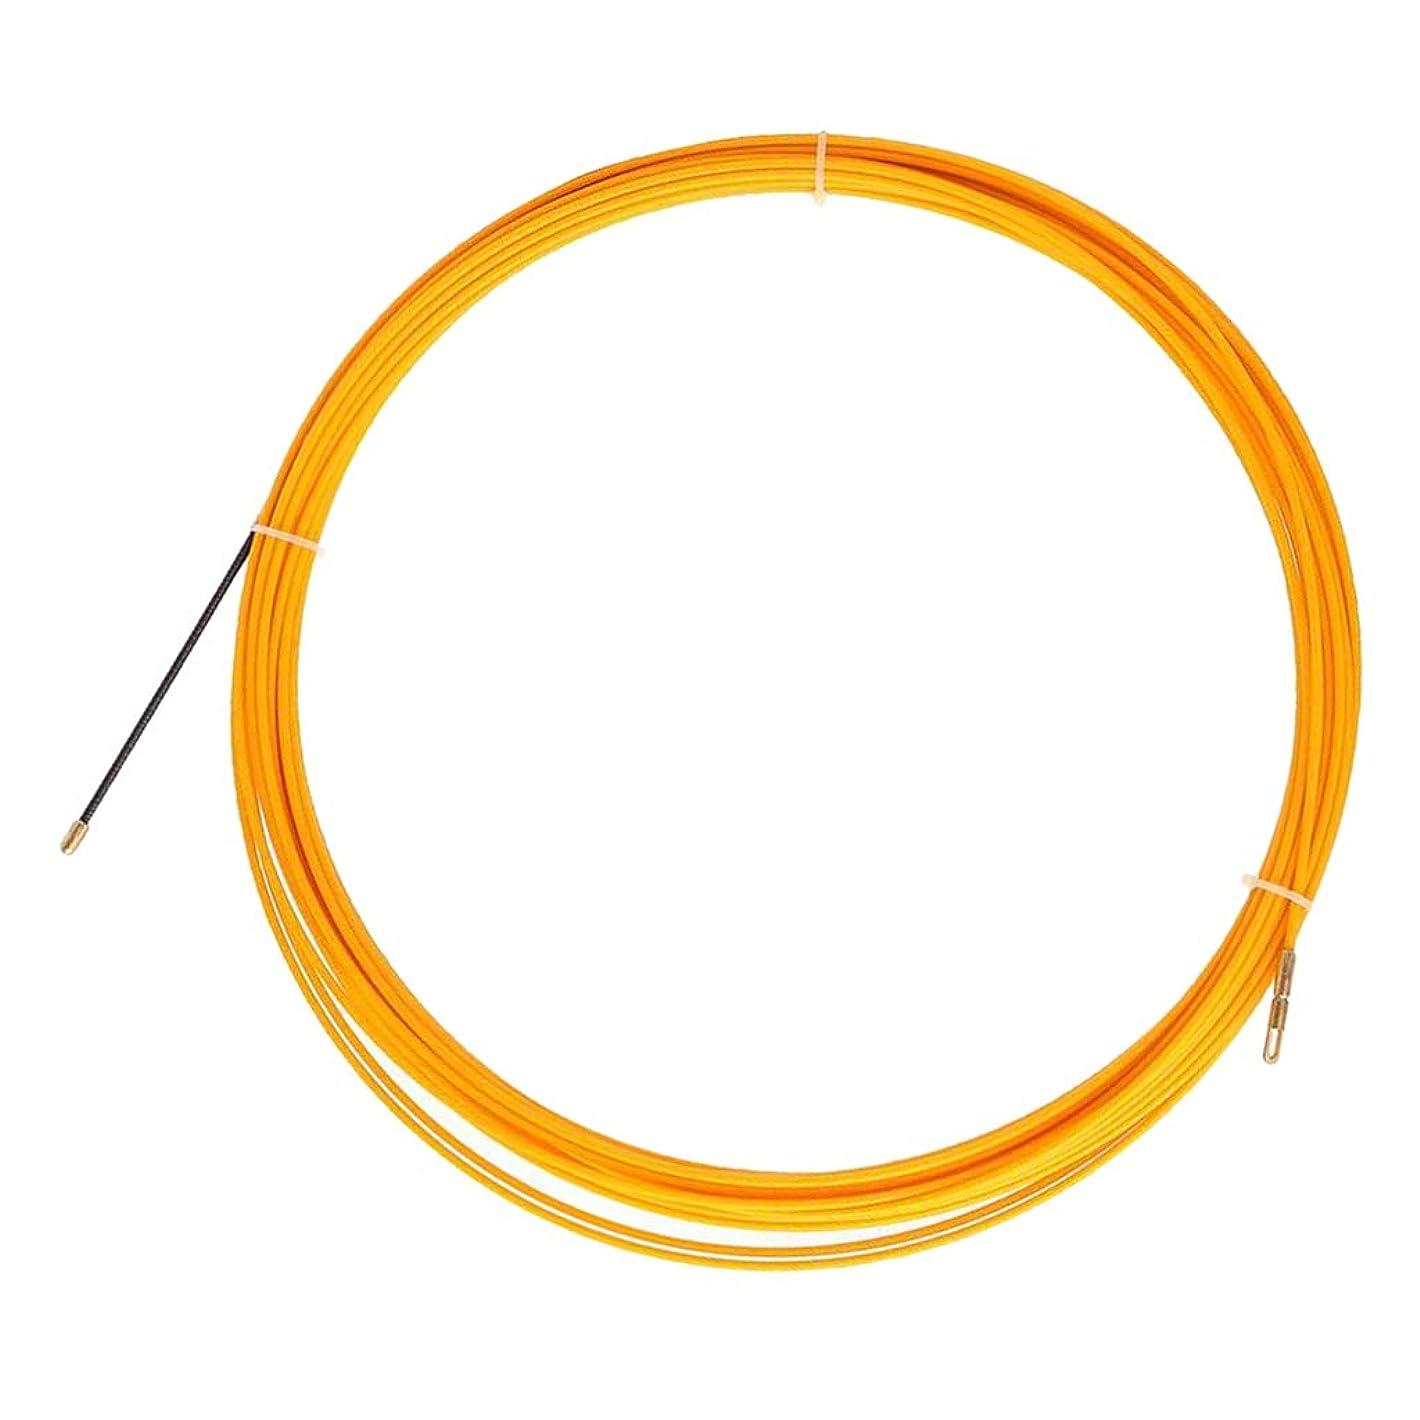 インフラコンパクトシガレットH HILABEE 通線ワイヤー 30m グラスファイバーワイヤー 入線工事 入線専用ワイヤー 通線工具 4mm径